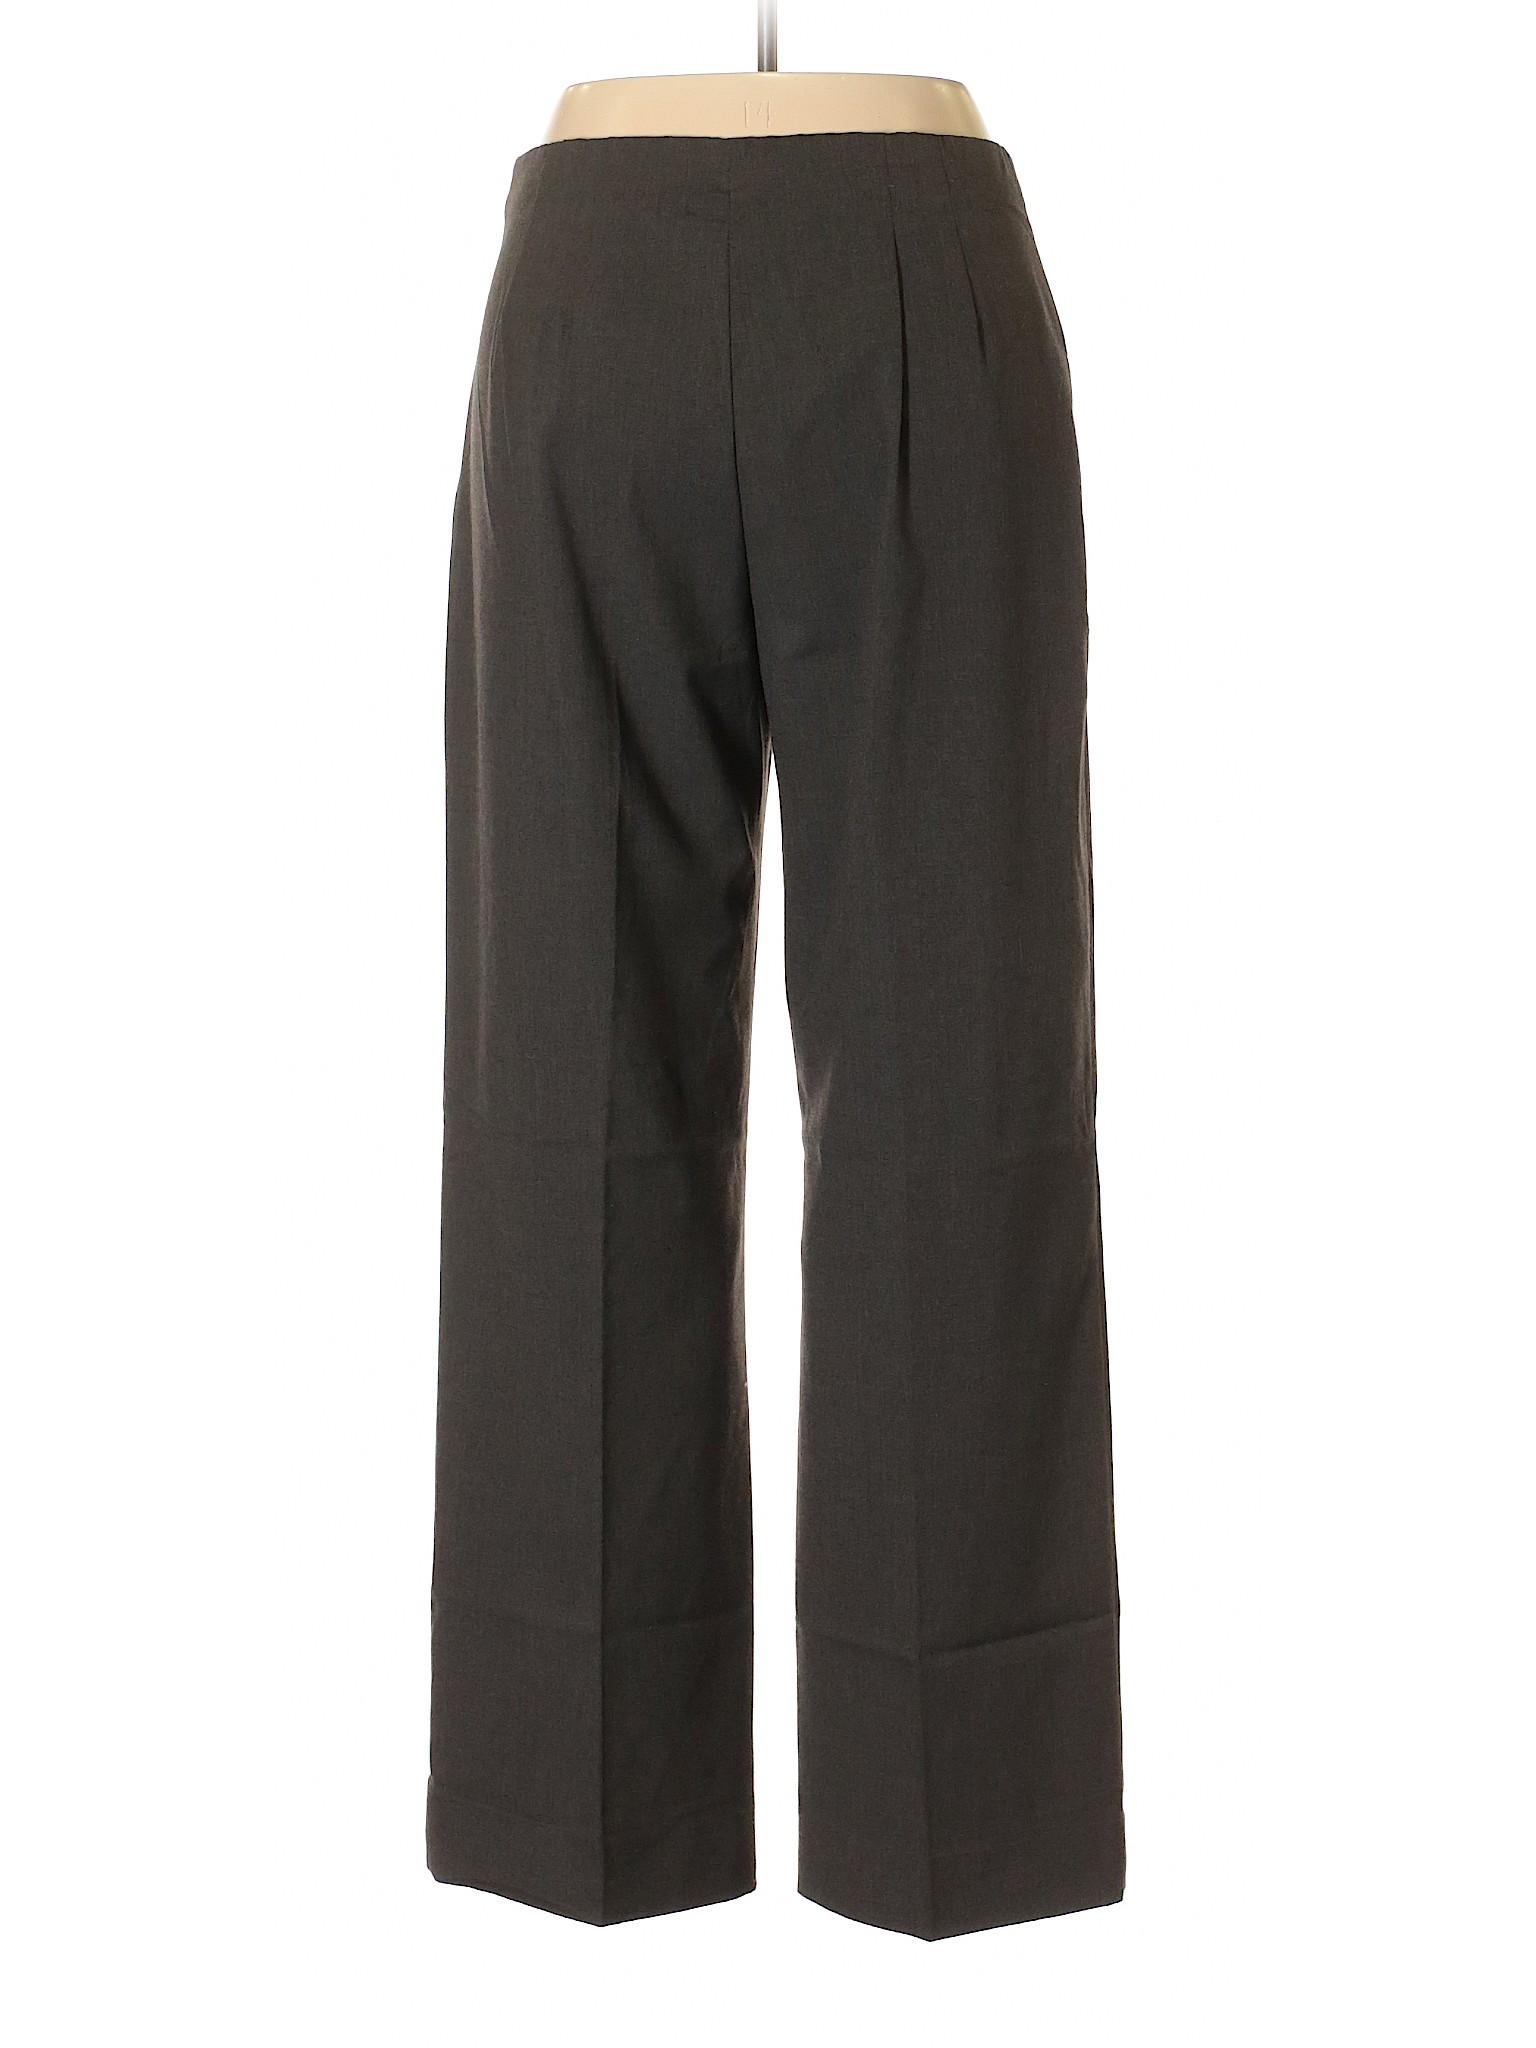 Creek Pants Creek Creek Coldwater Pants Pants Boutique Boutique Coldwater Coldwater Casual Coldwater Casual Boutique Casual Boutique q8YCwqn